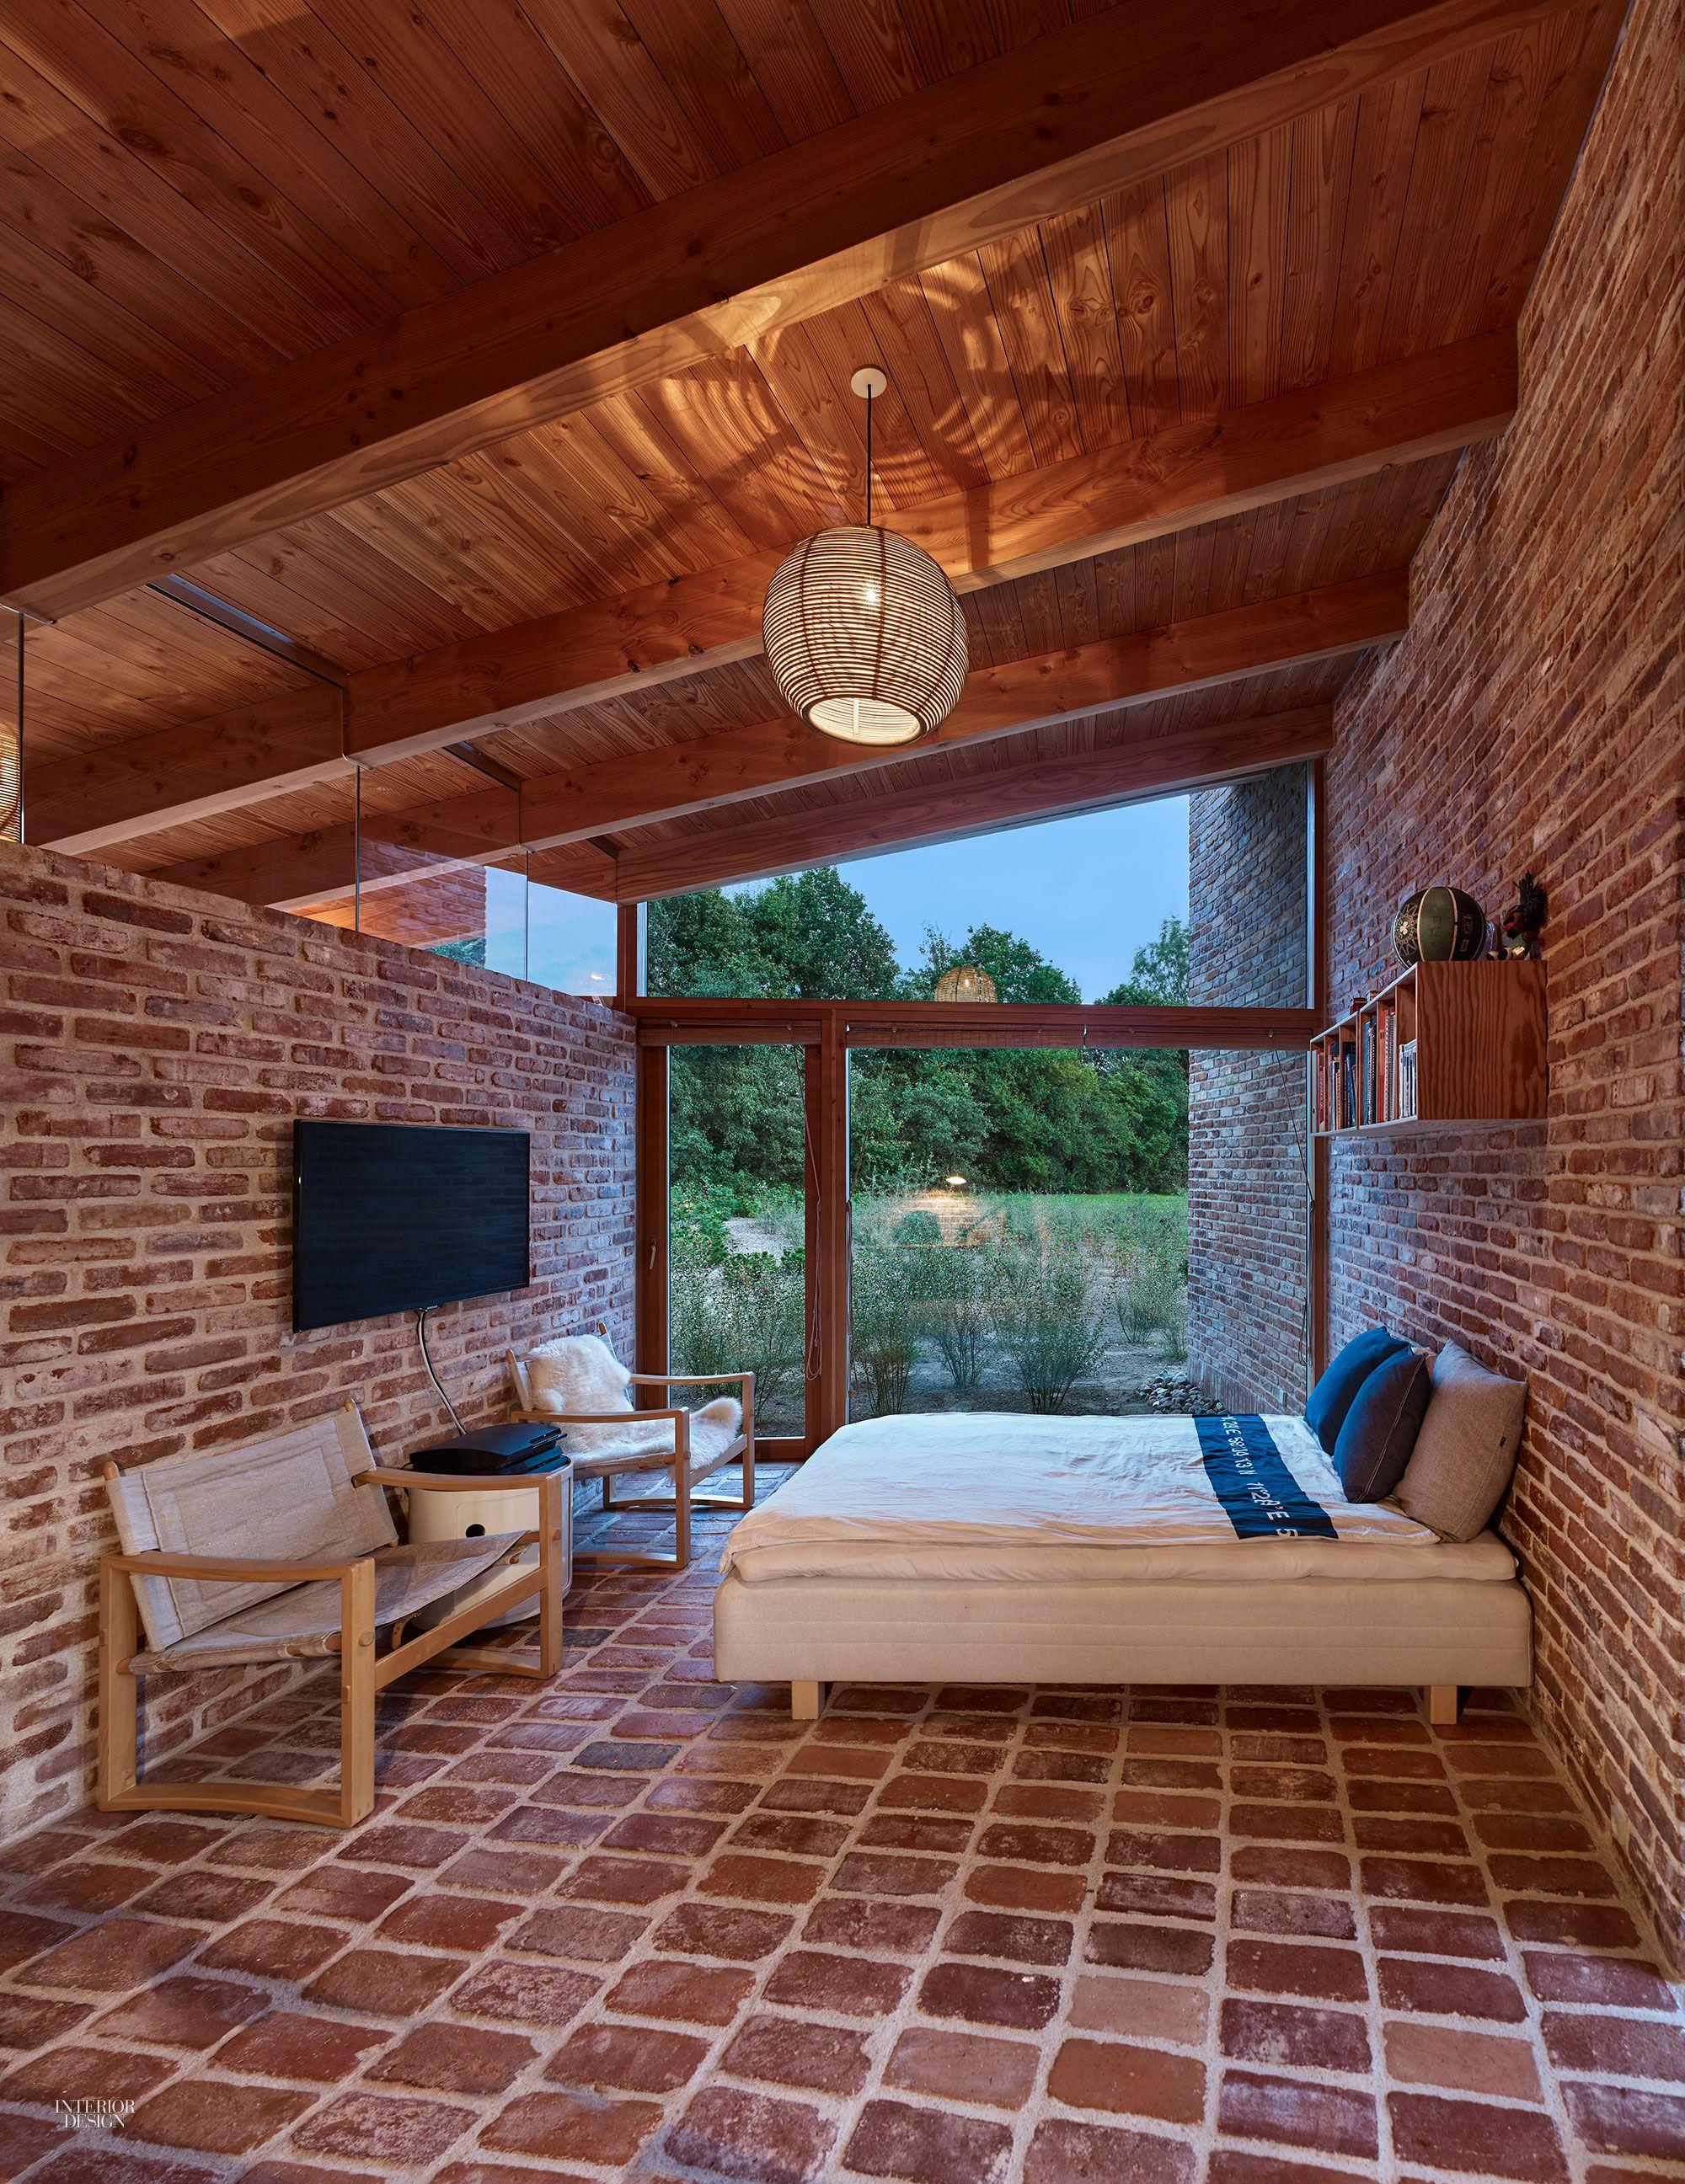 Jan henrik jansen designs unconventional round house in denmark interior design magazine also rh pinterest